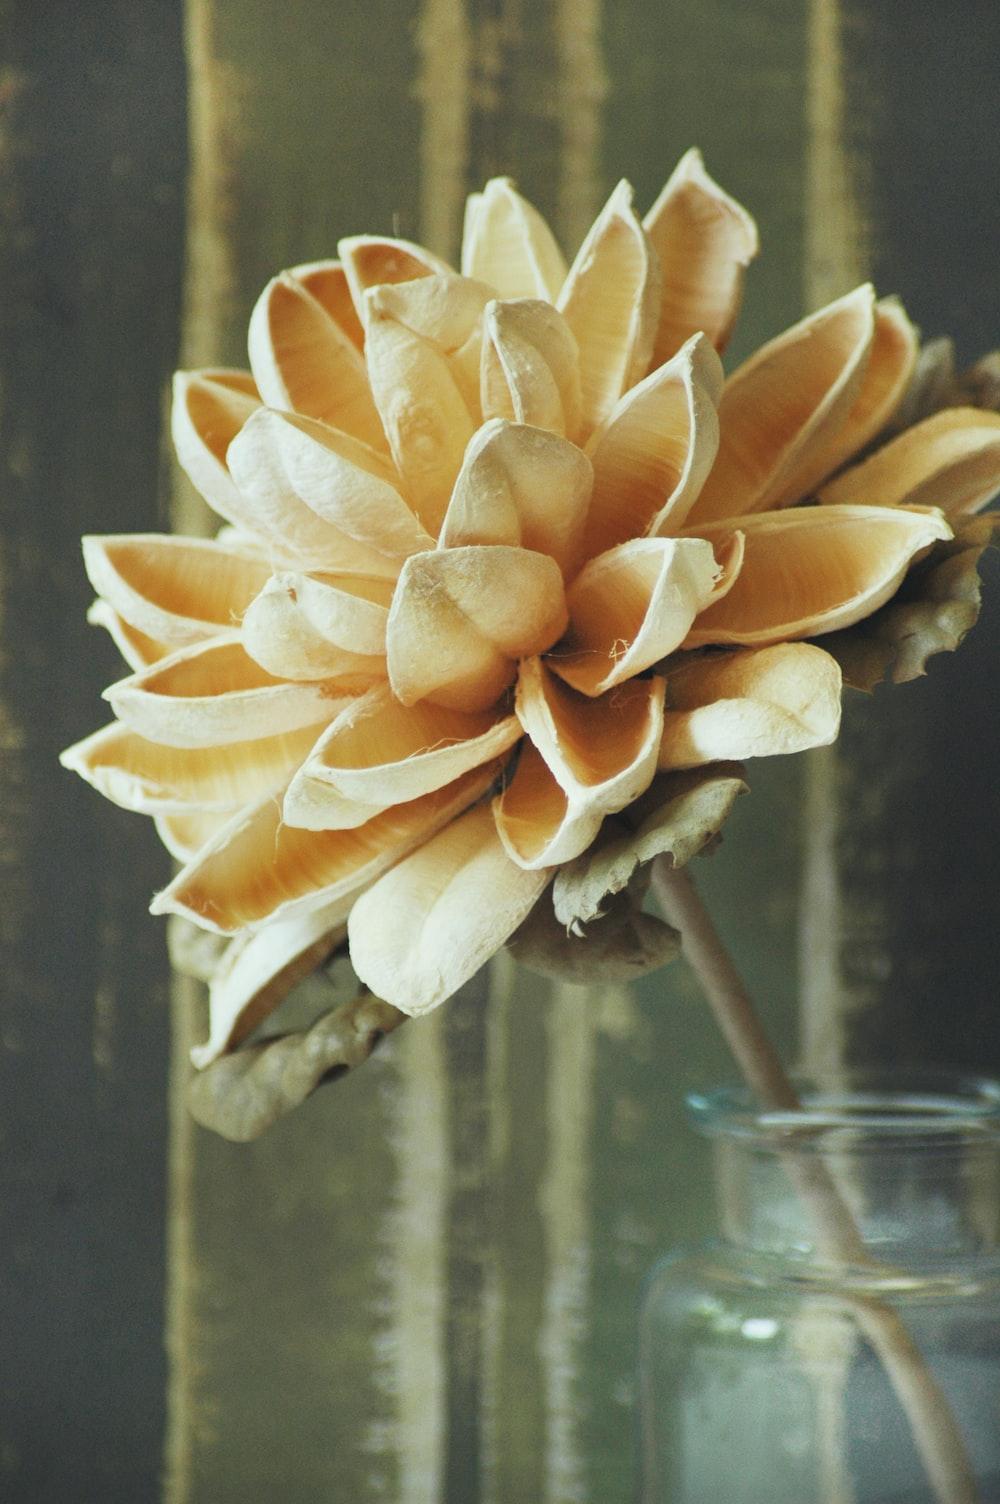 beige-petaled flower